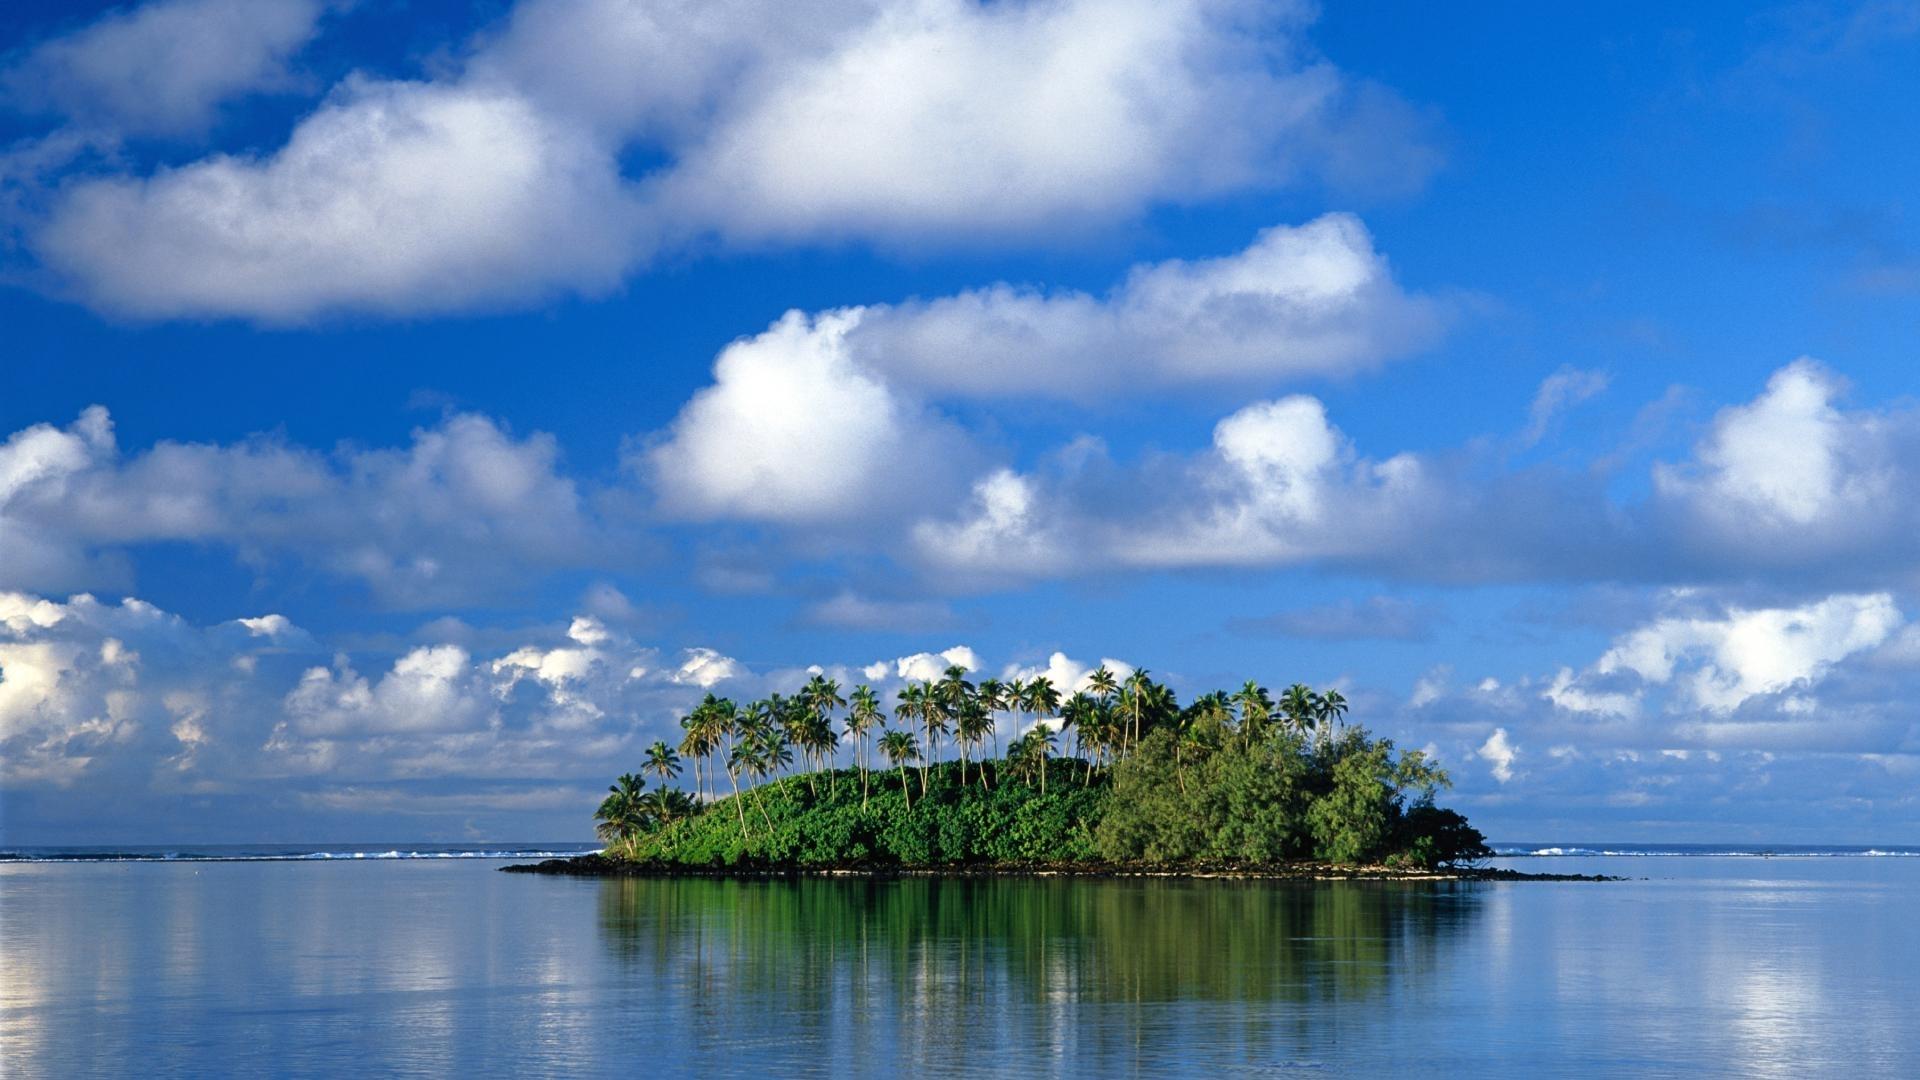 29451 скачать обои Пейзаж, Море, Пальмы - заставки и картинки бесплатно